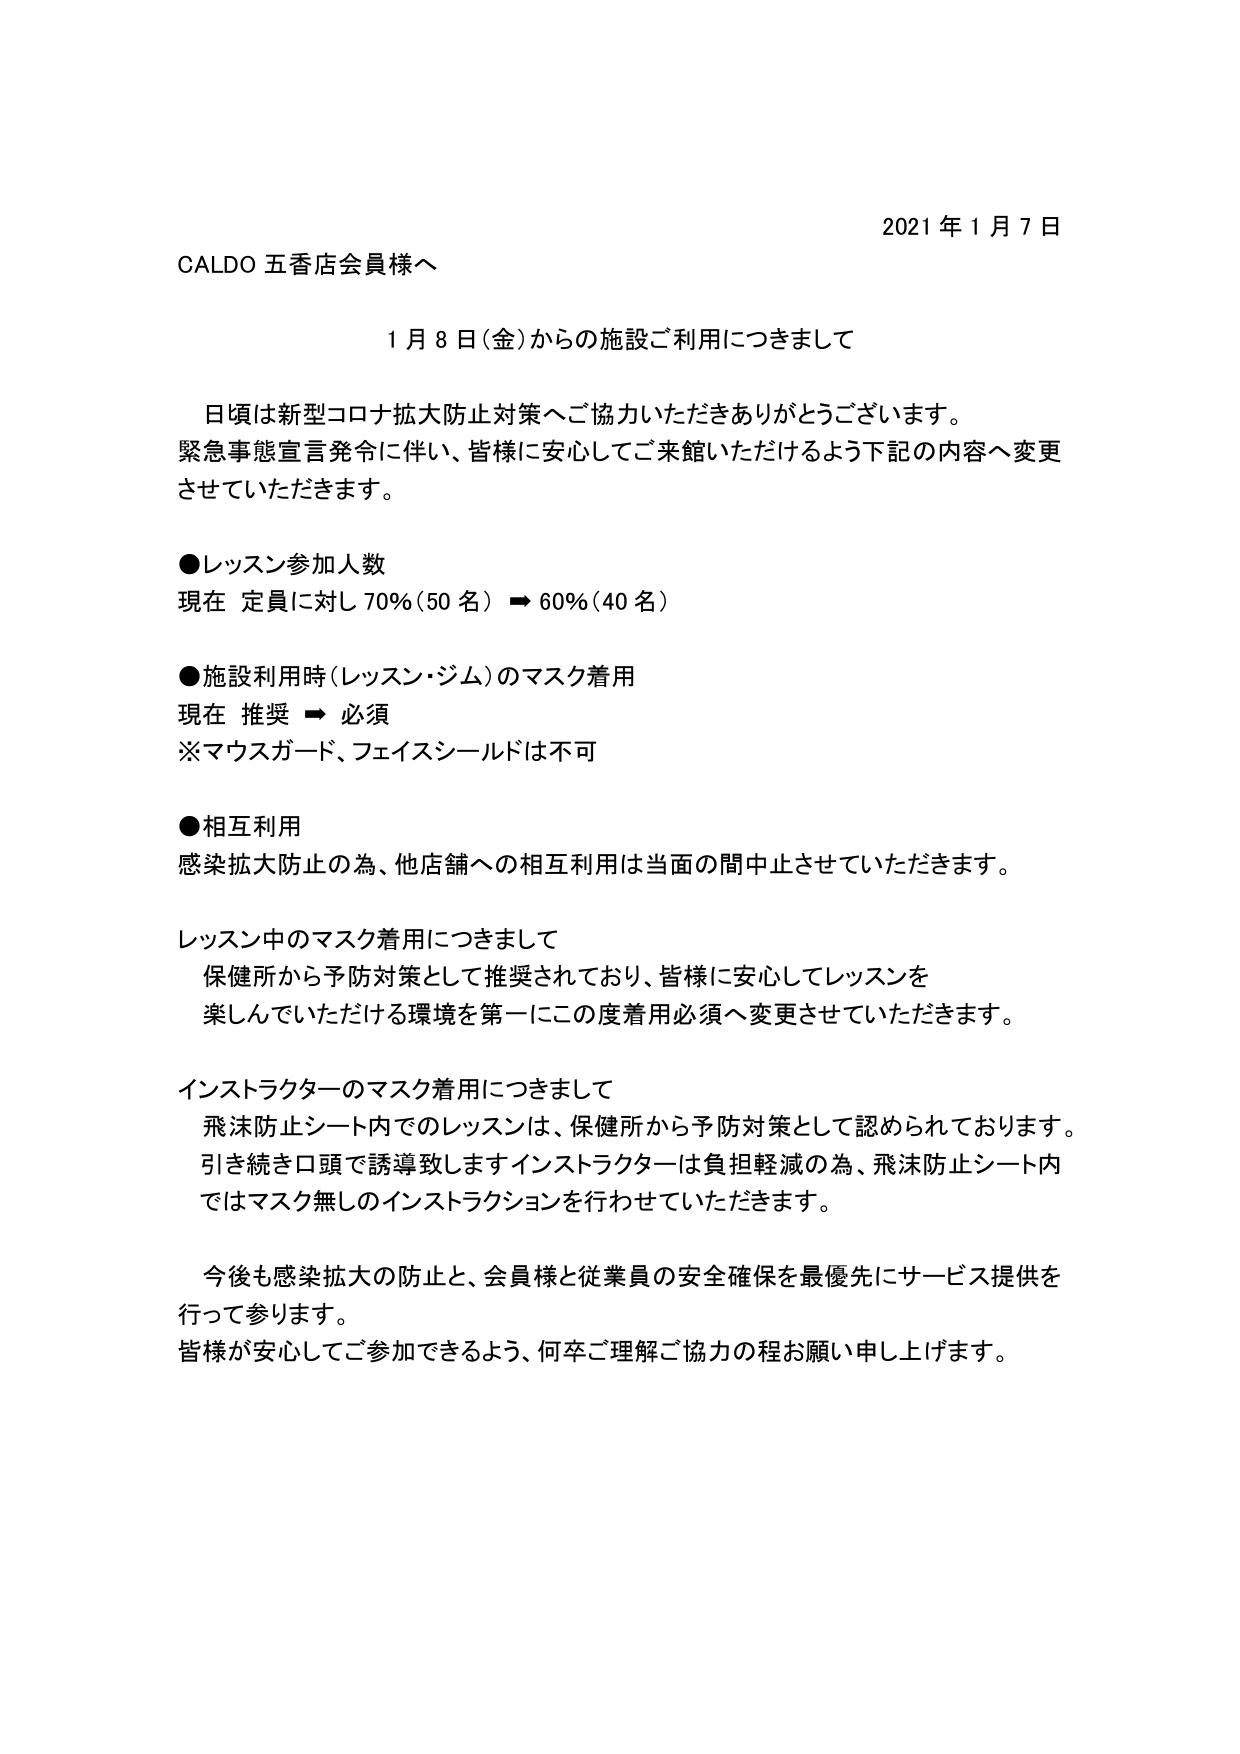 五香マスク・定員告知用_page-0001 (1)